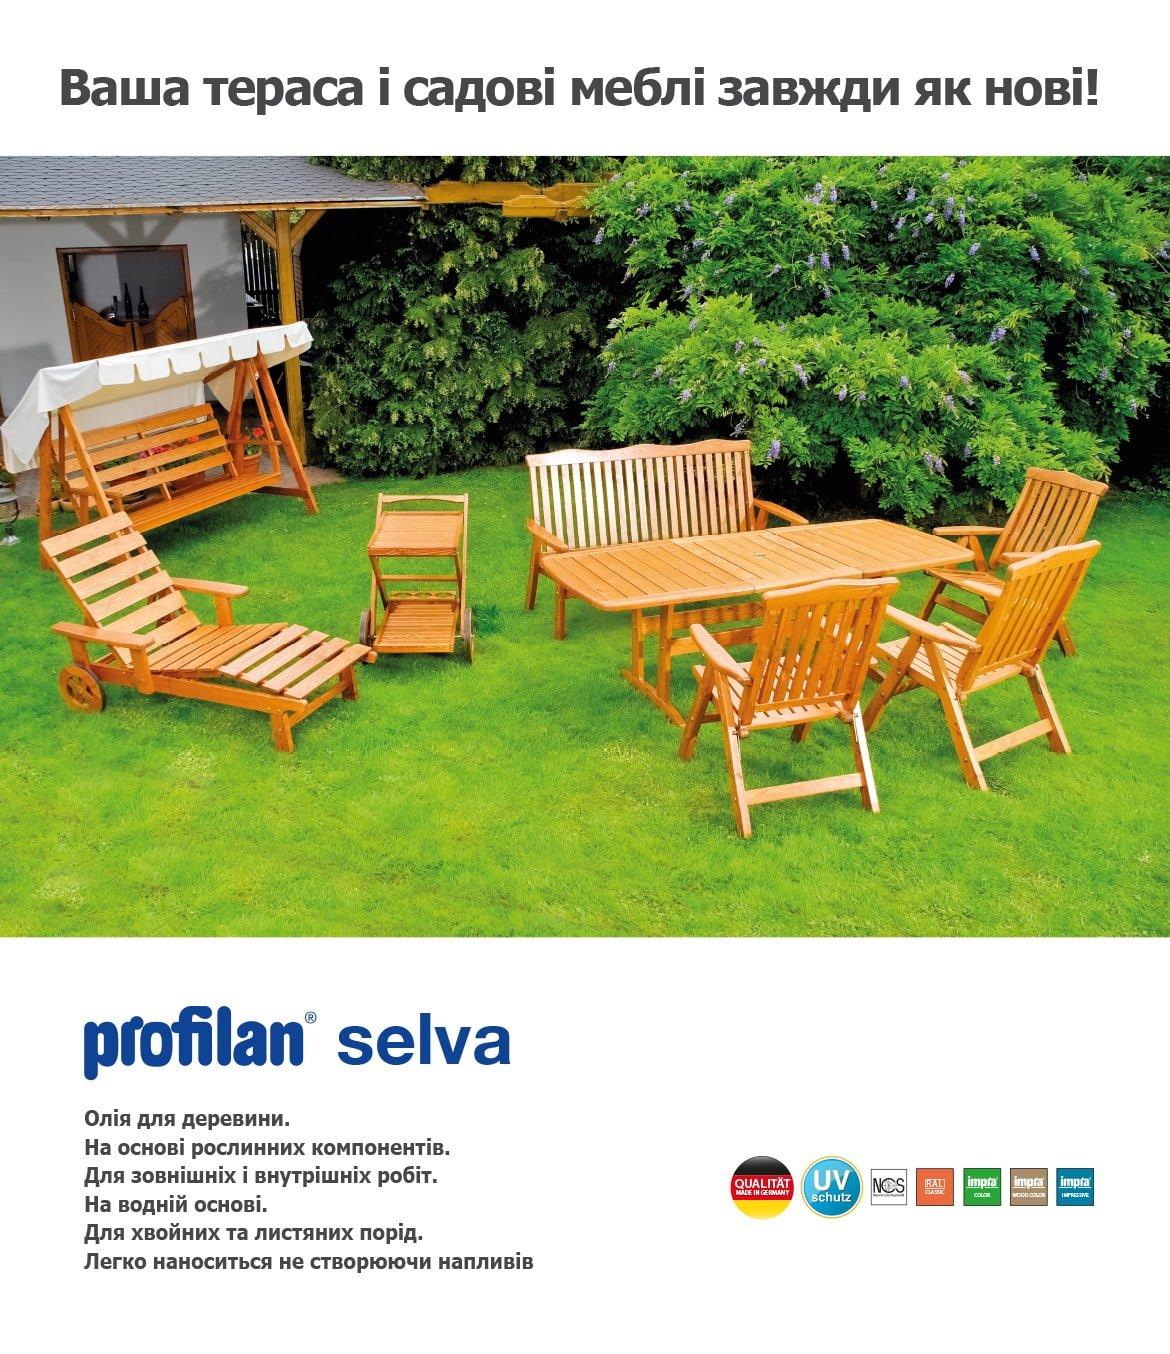 Profilan Selva натуральна олія для деревини на водній основі